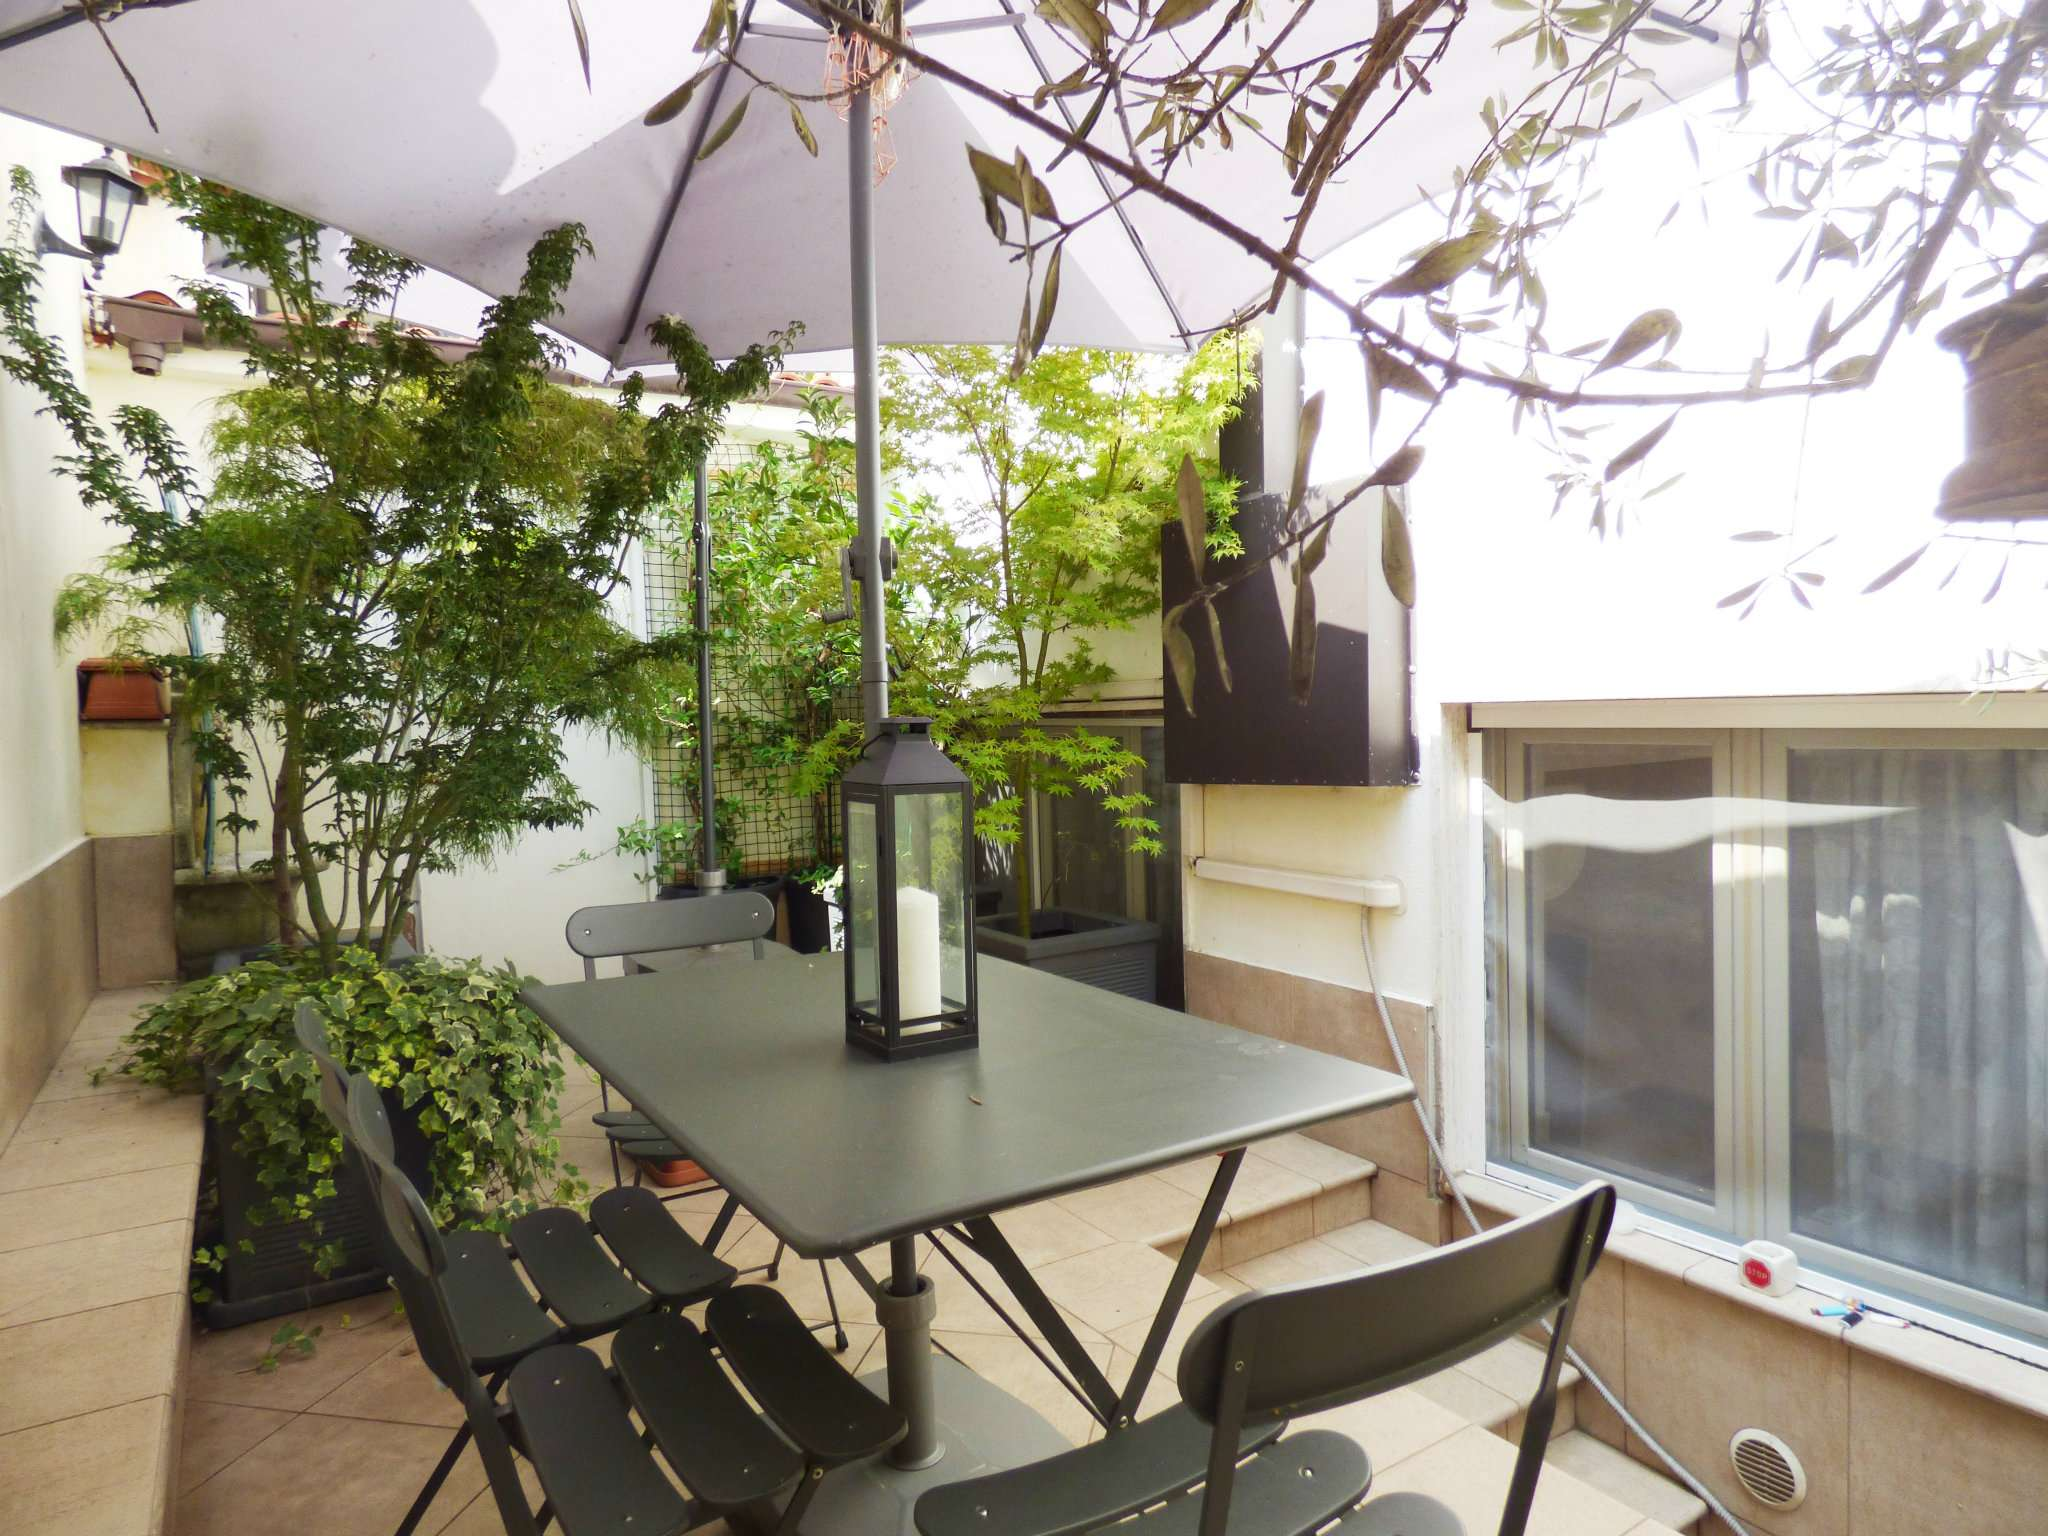 Appartamento Con Giardino Privato A Milano Pag 7